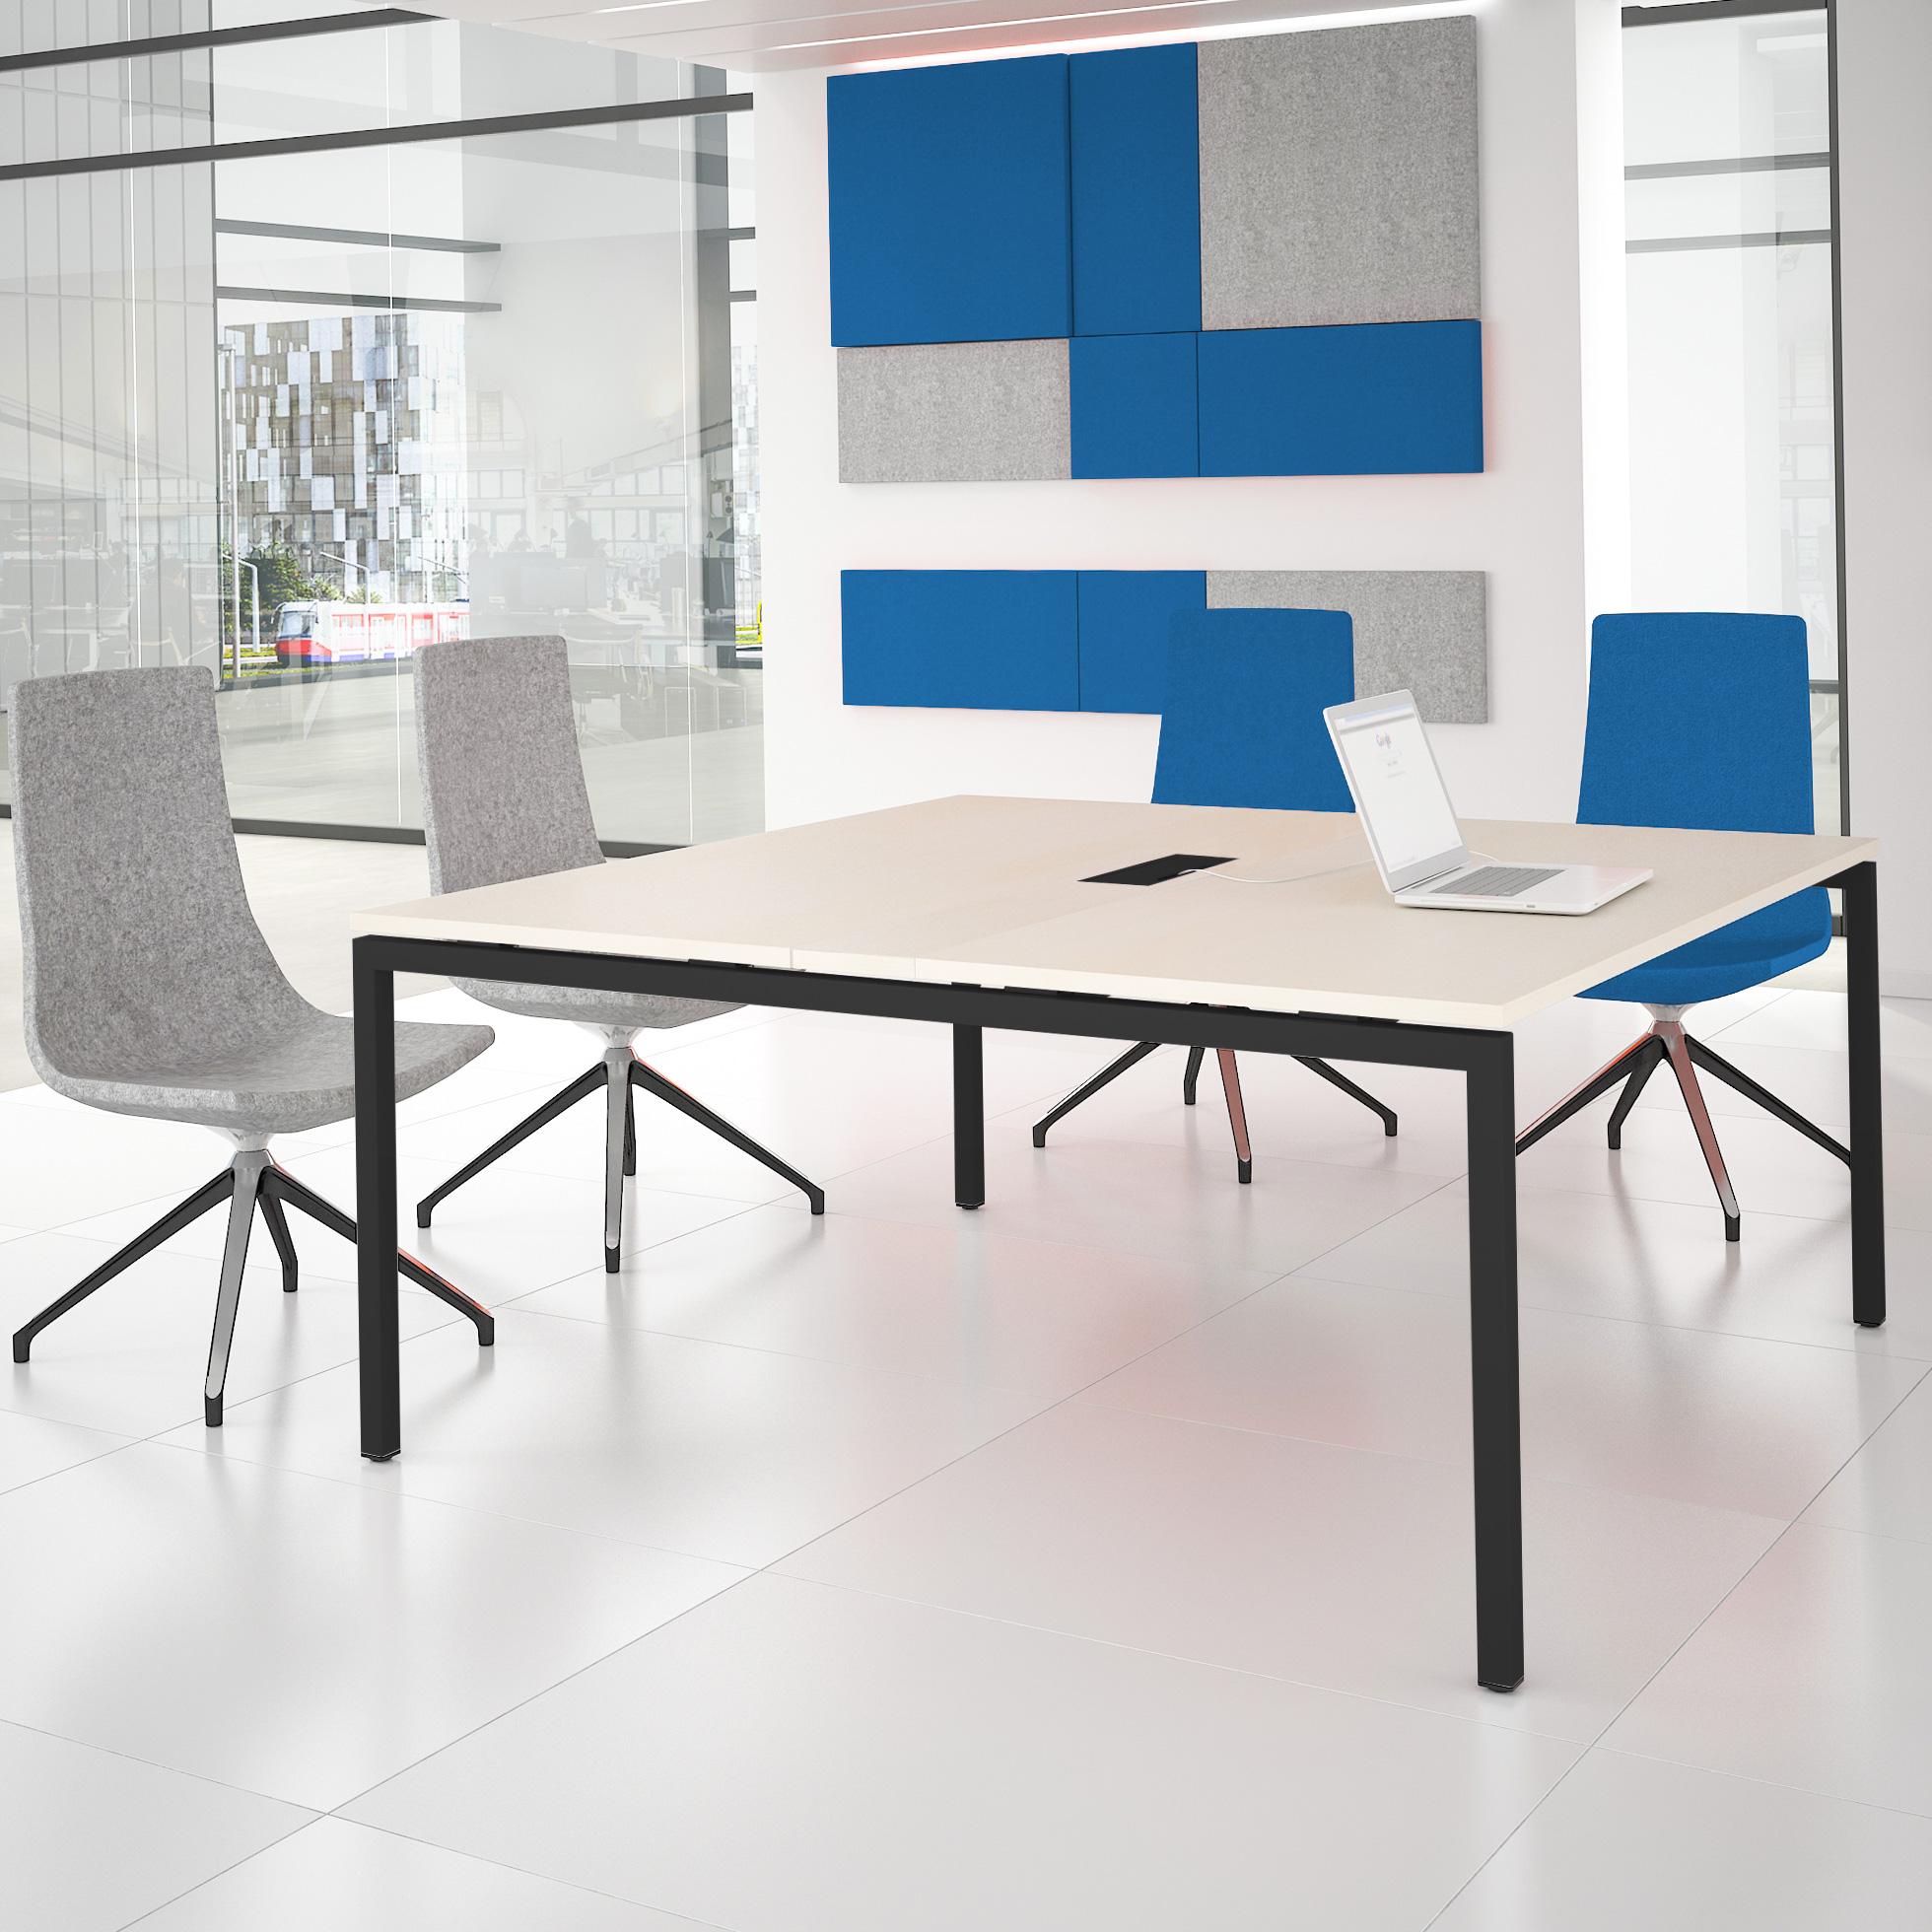 NOVA Konferenztisch 160x164cm Ahorn mit ELEKTRIFIZIERUNG Besprechungstisch Tisch